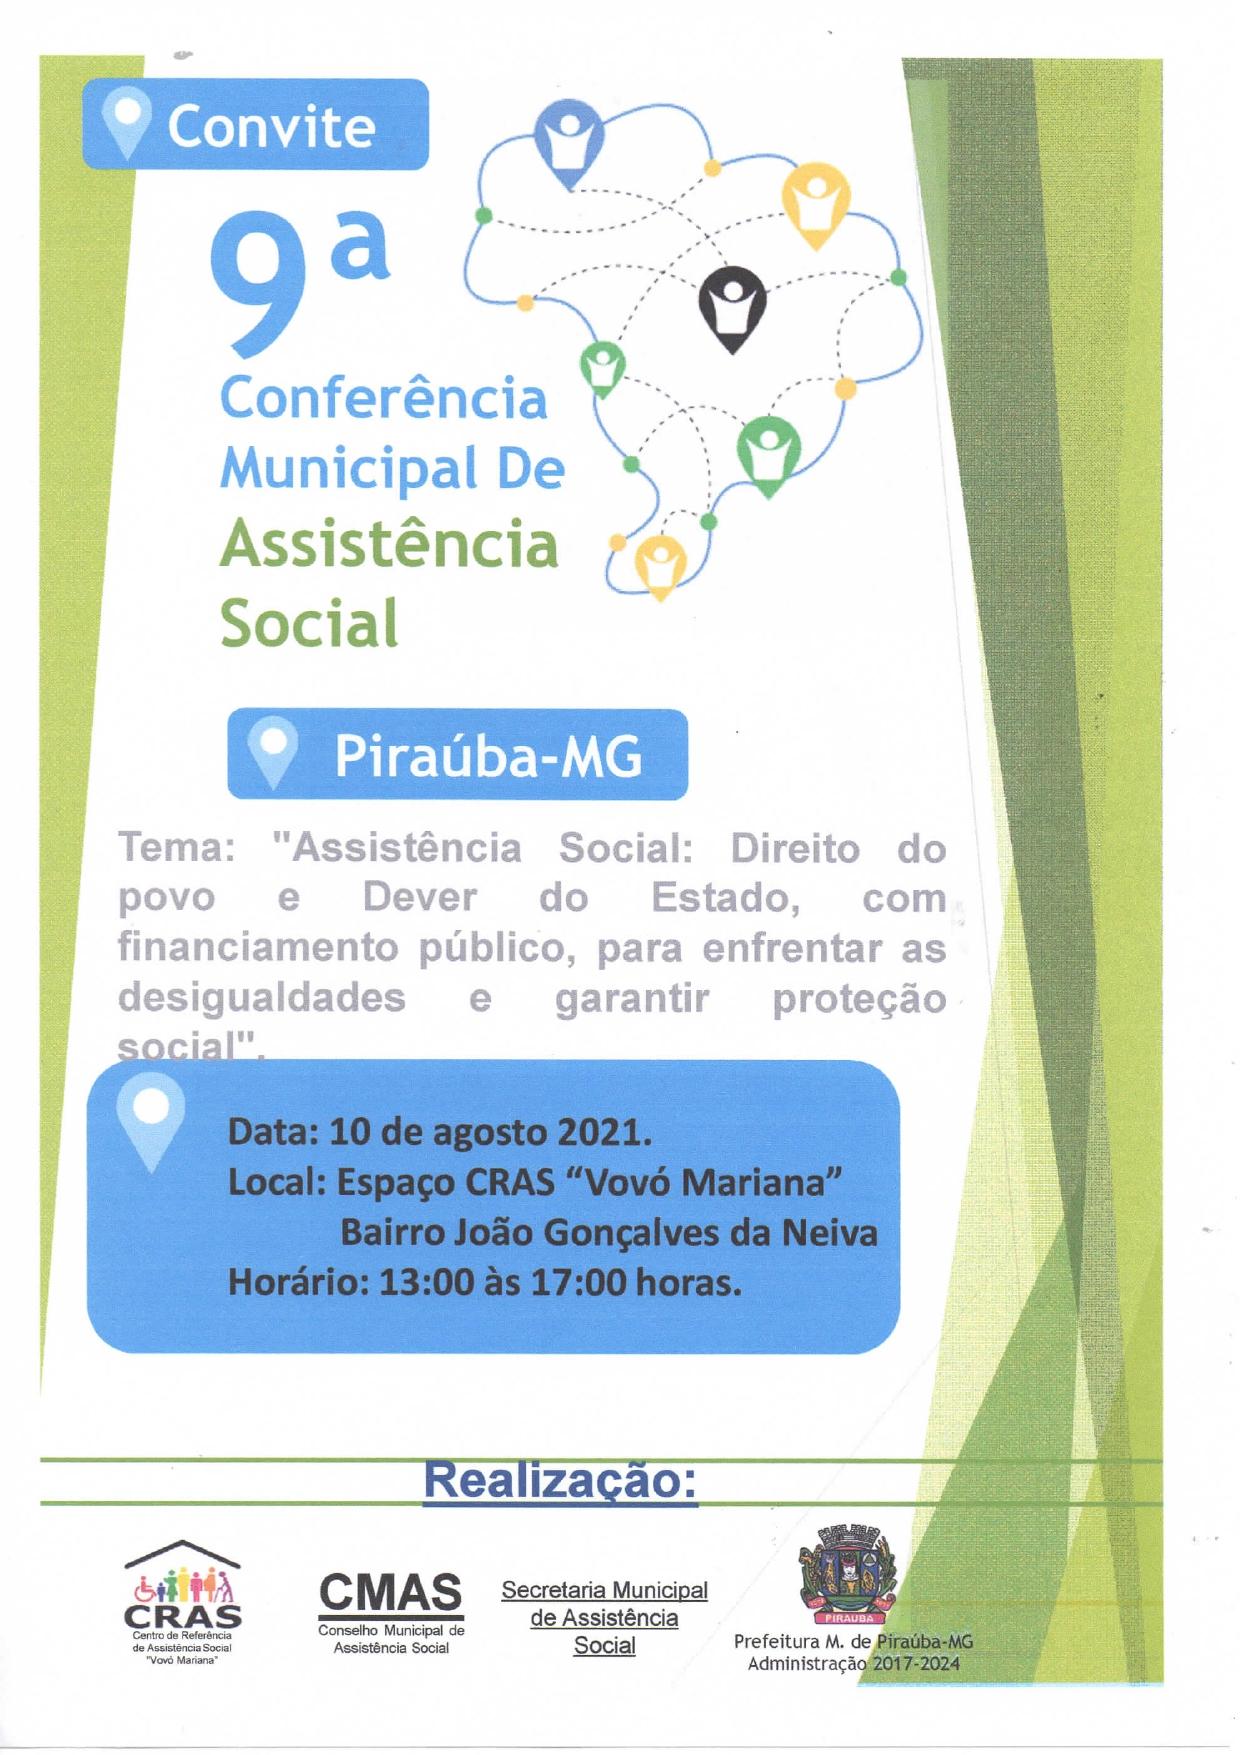 9ª Conferência Municipal De Assistência Social